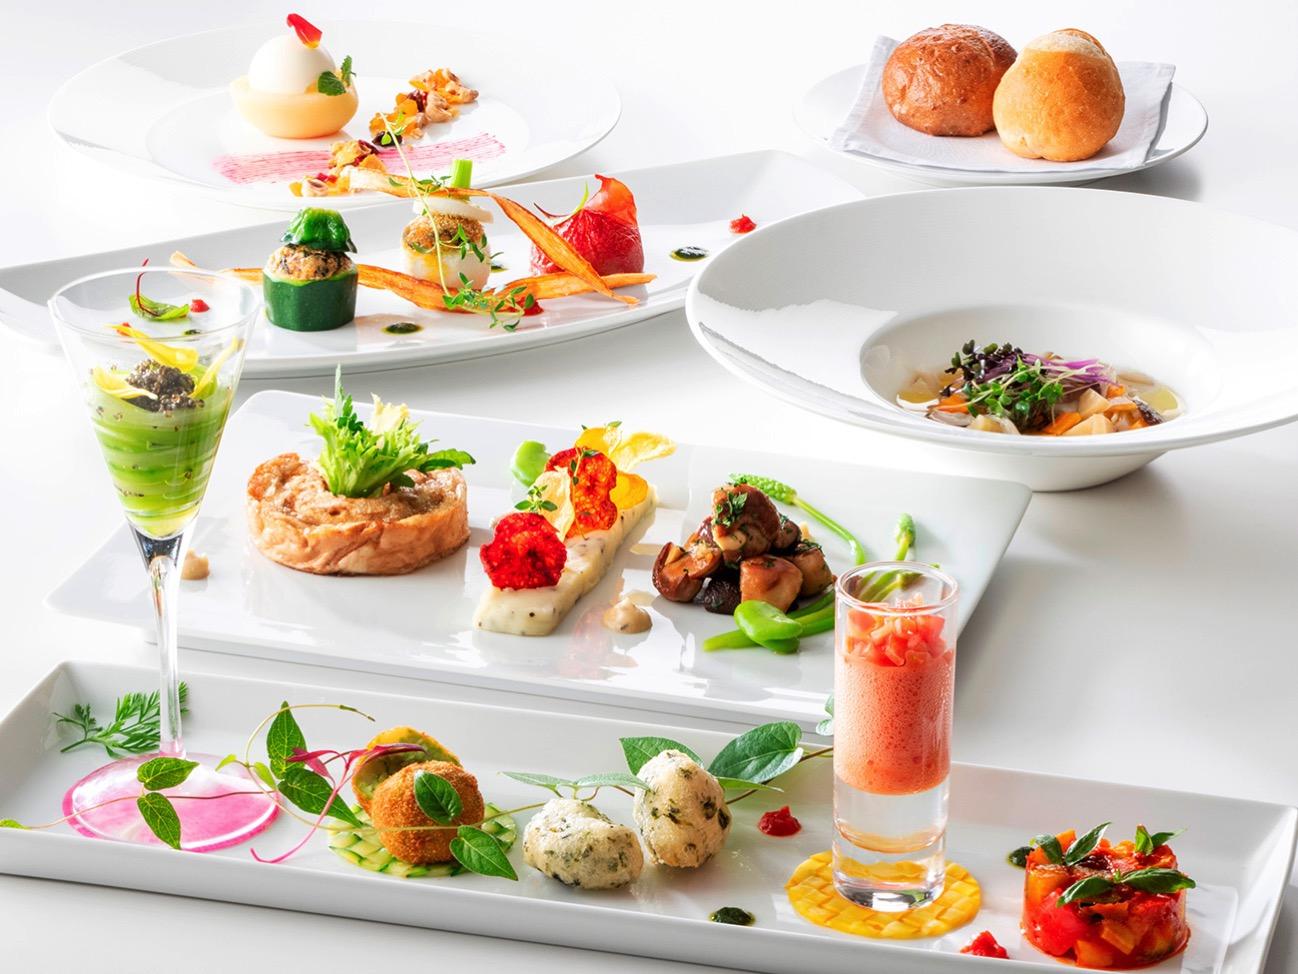 フランス料理「アジュール」